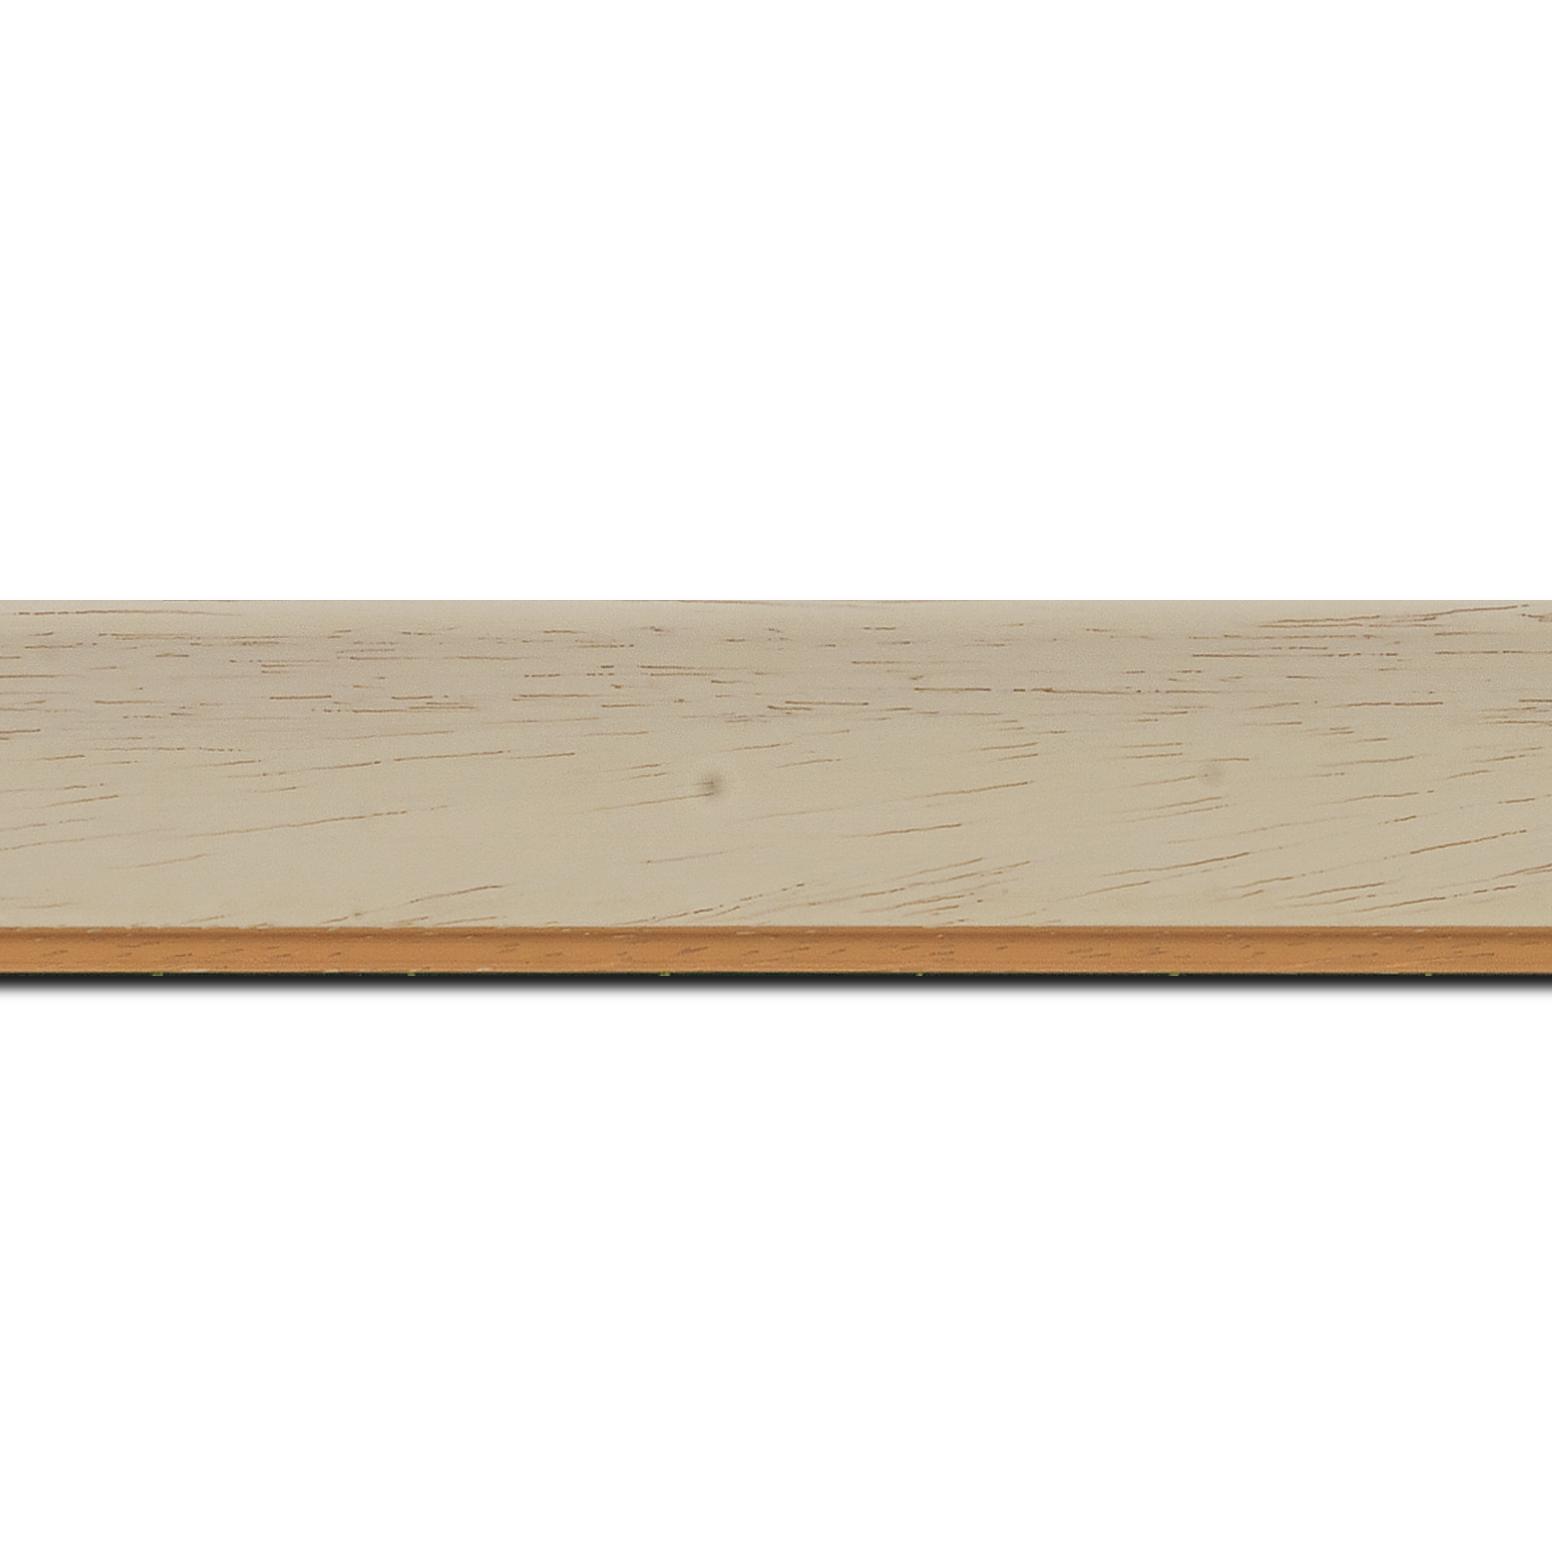 Pack par 12m, bois profil incurvé largeur 3.9cm couleur crème satiné filet or (longueur baguette pouvant varier entre 2.40m et 3m selon arrivage des bois)